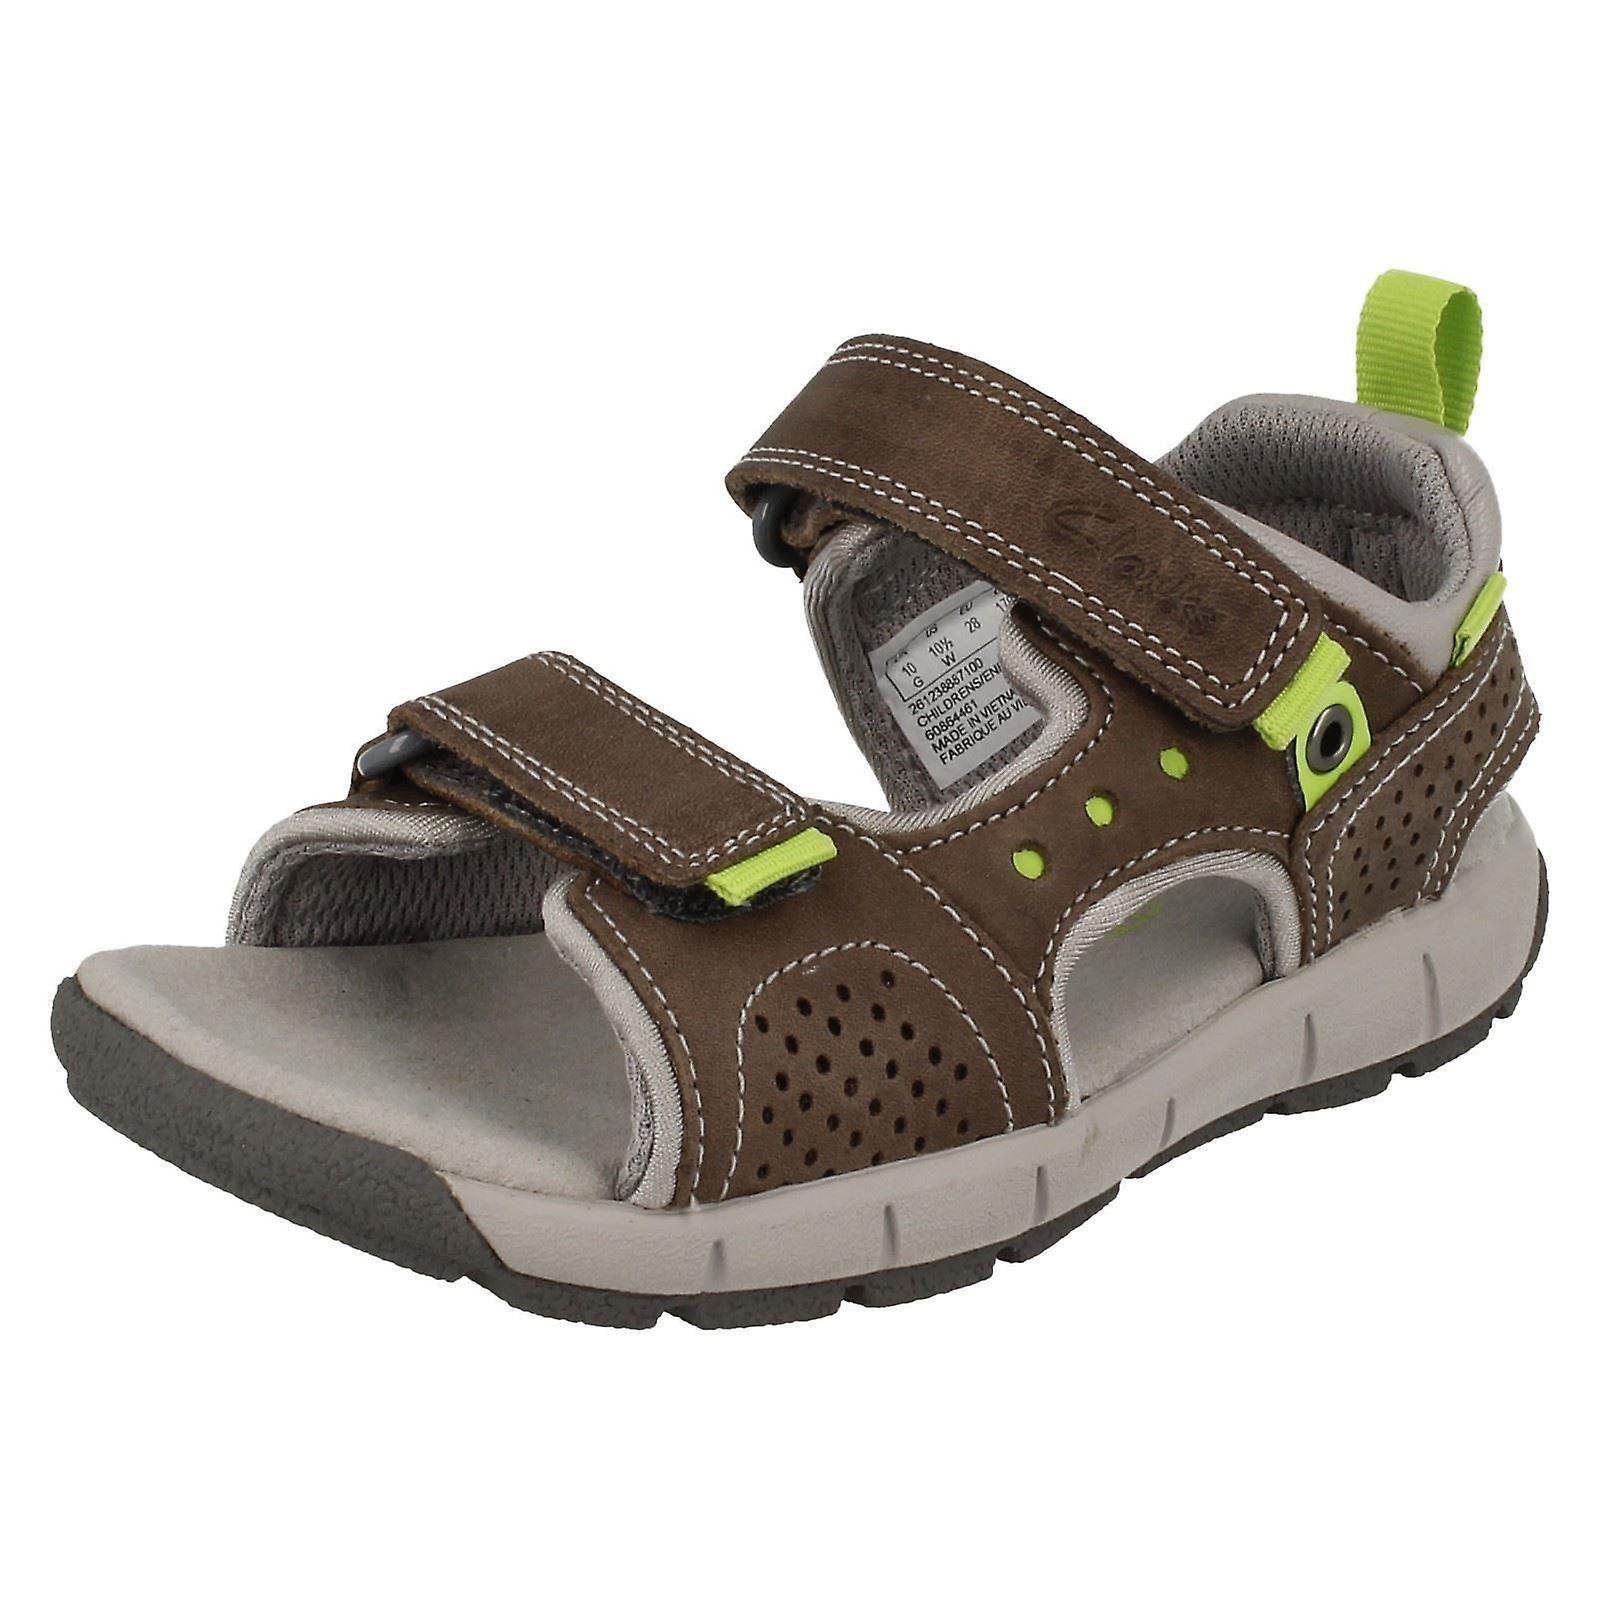 Sandales d'été occasionnels de bébé Junior garçons Clarks Jolly sauvage